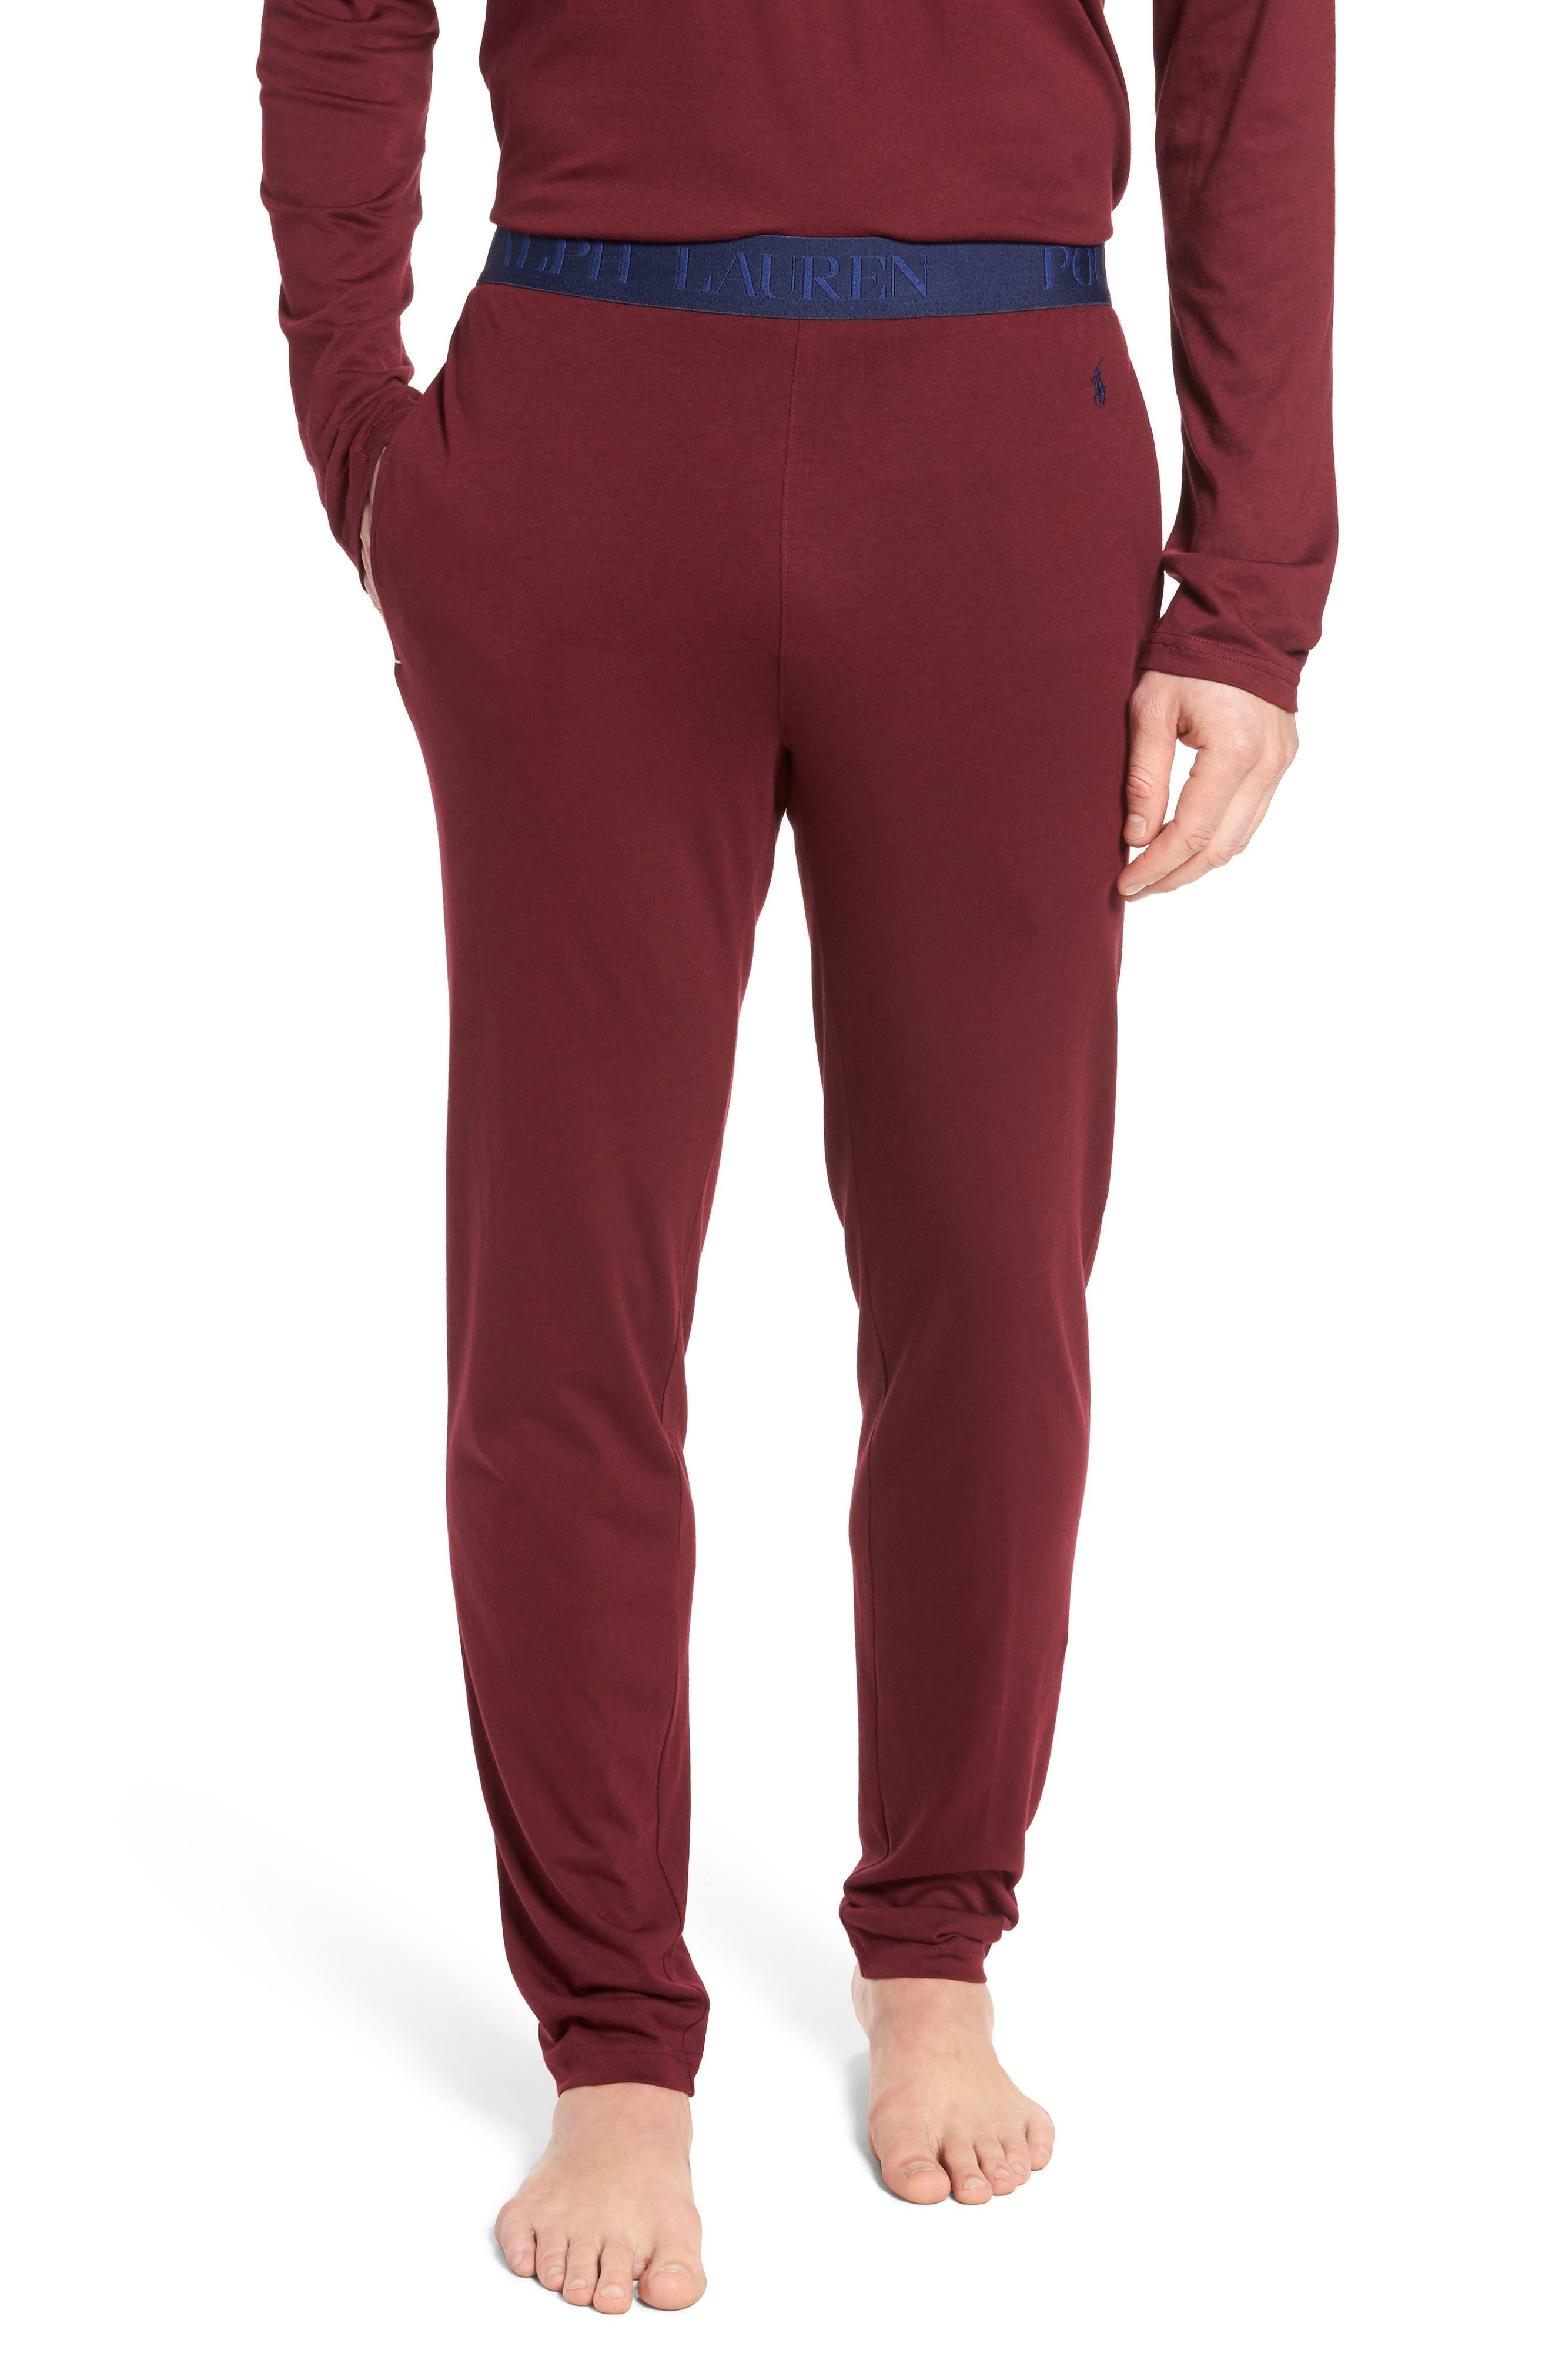 Main Image - Ralph Lauren Cotton & Modal Lounge Pants